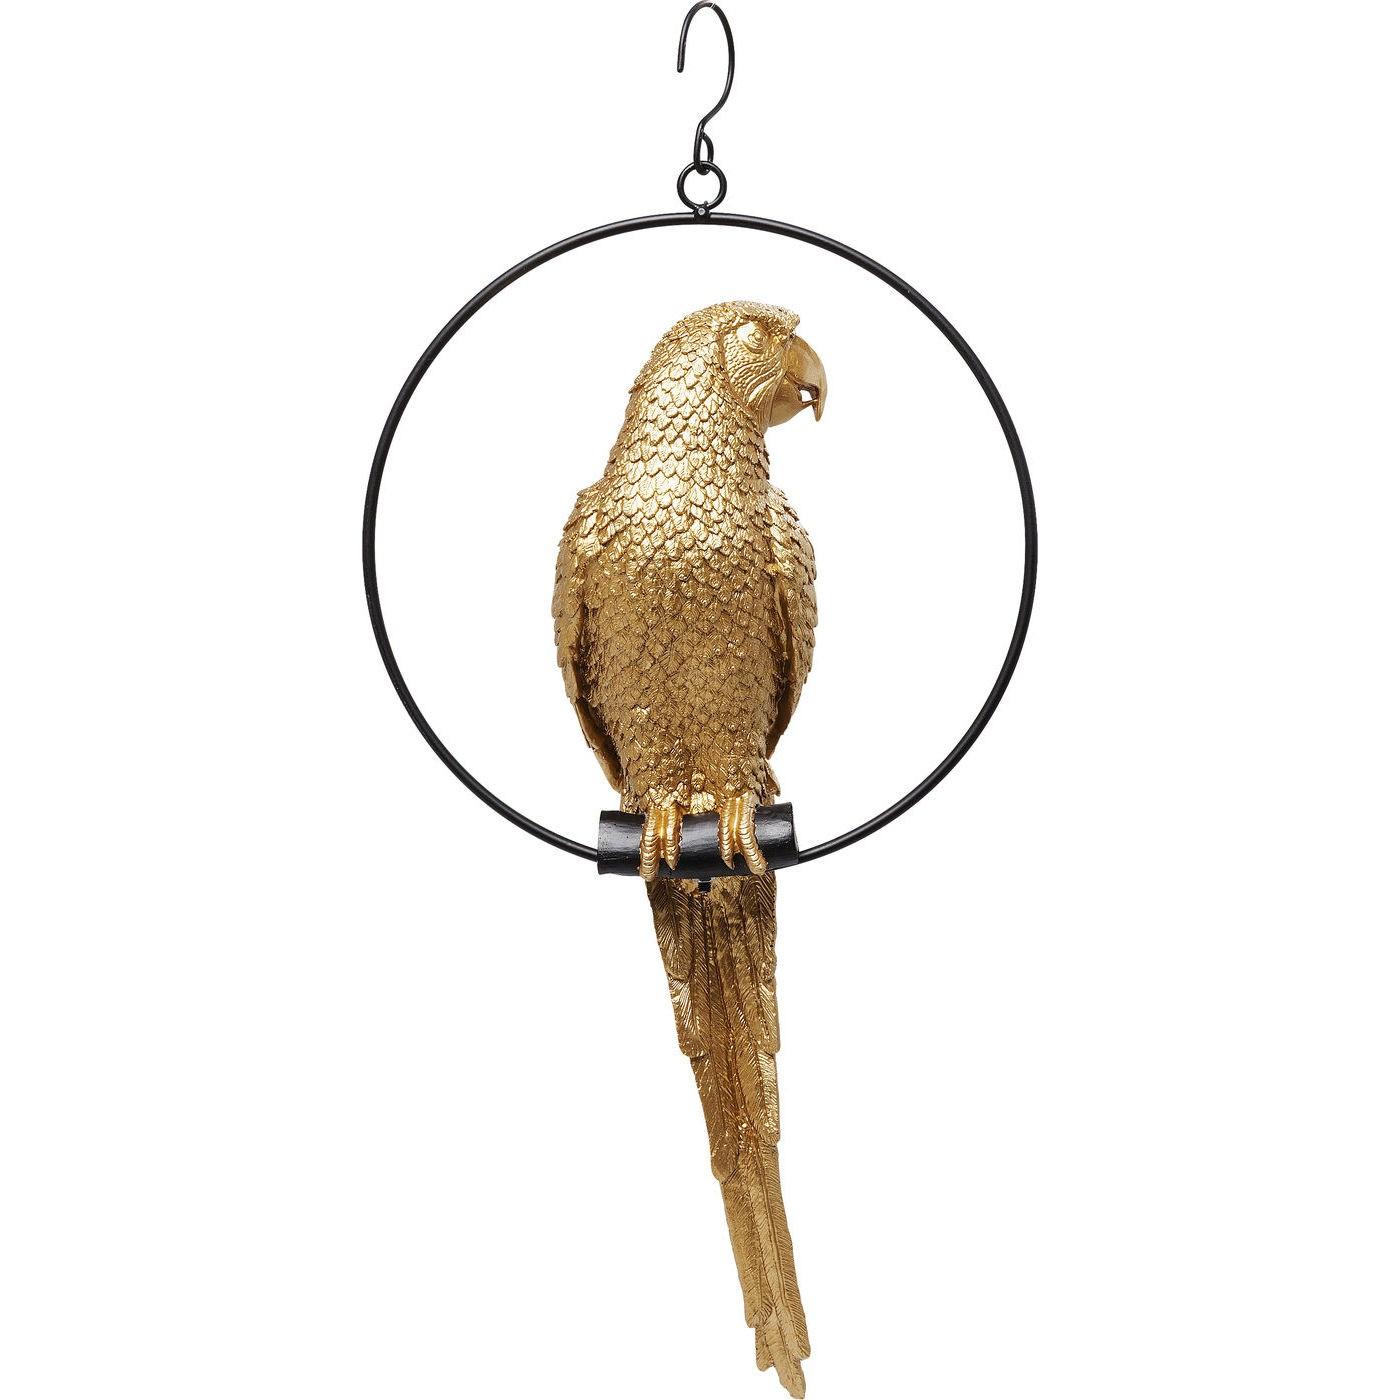 Déco perroquet en polyrésine dorée anneau en acier